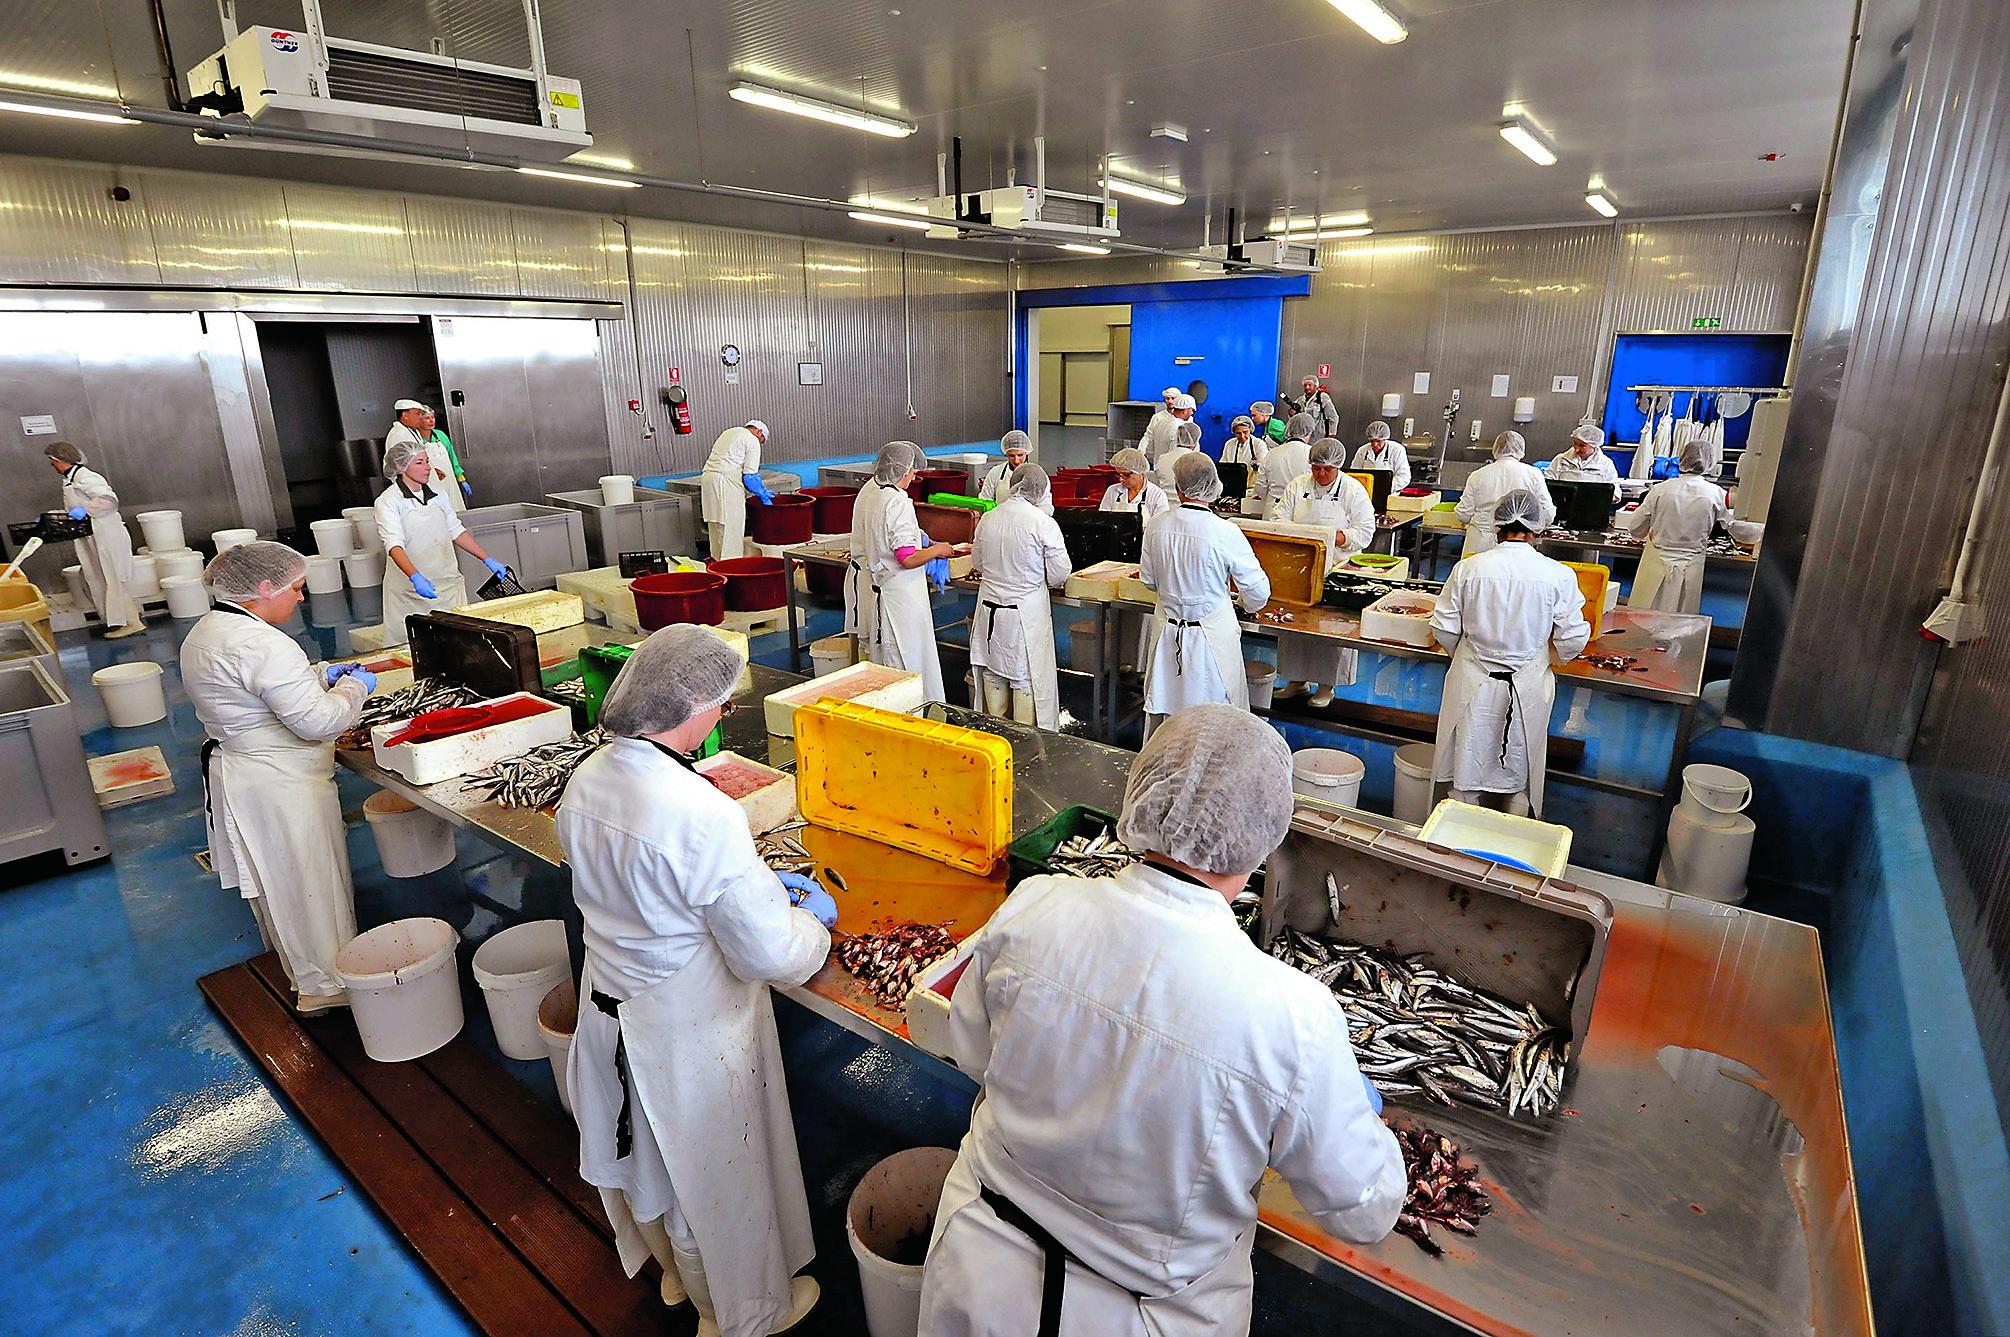 Policnik, Zadar, 240516. Ministar obrtnistva Darko Horvat posjetio je ribopreradjivacku tvornicu obitelji Mislov iz Kali koja se nalazi u poslovnoj zoni Policnik kraj Zadra. Foto: Luka Gerlanc / CROPIX